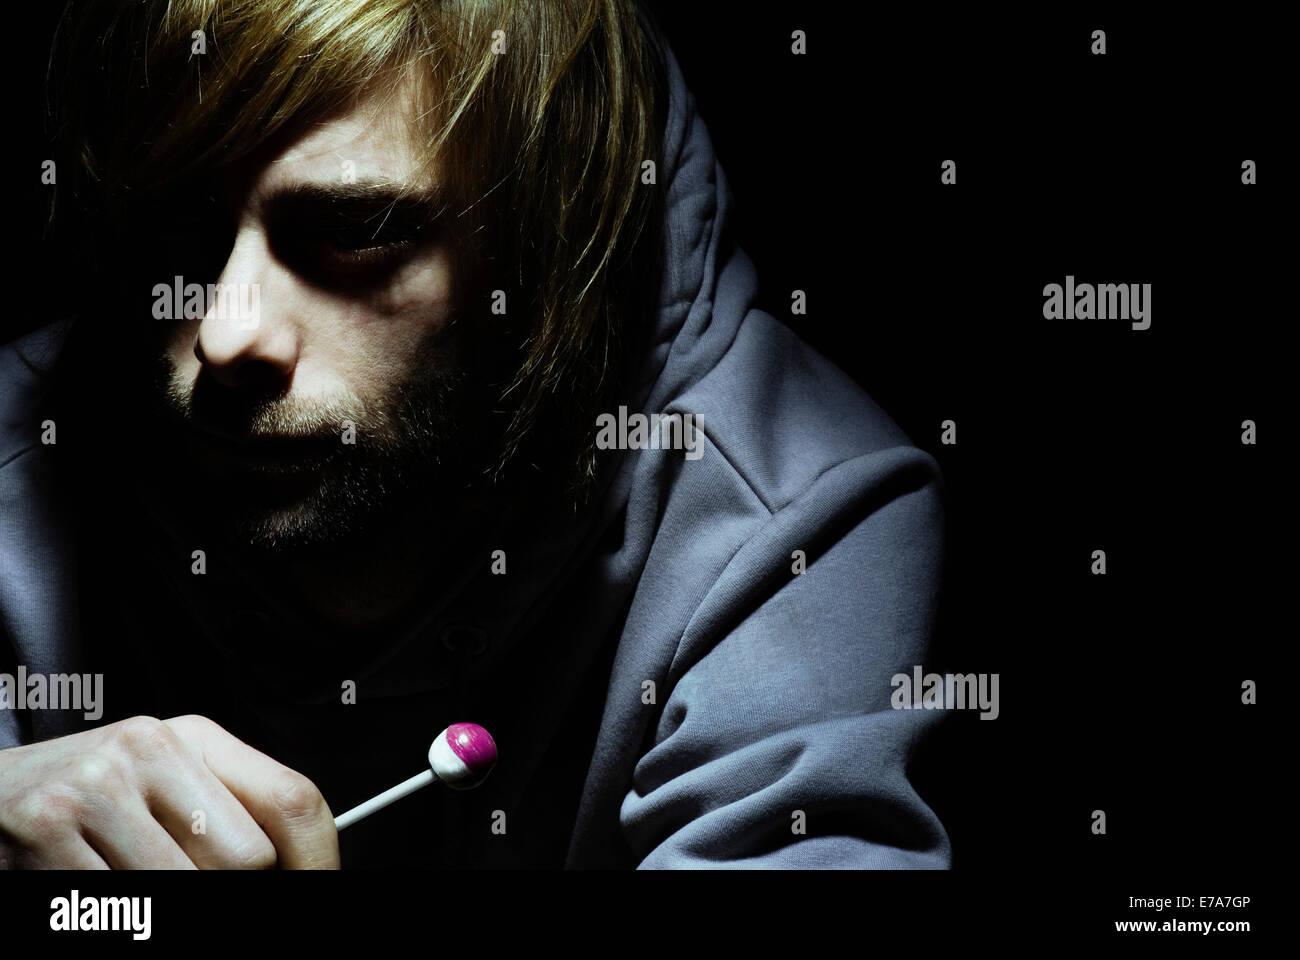 Un hombre tranquilo sosteniendo un lollipop, cabeza y hombros. Imagen De Stock